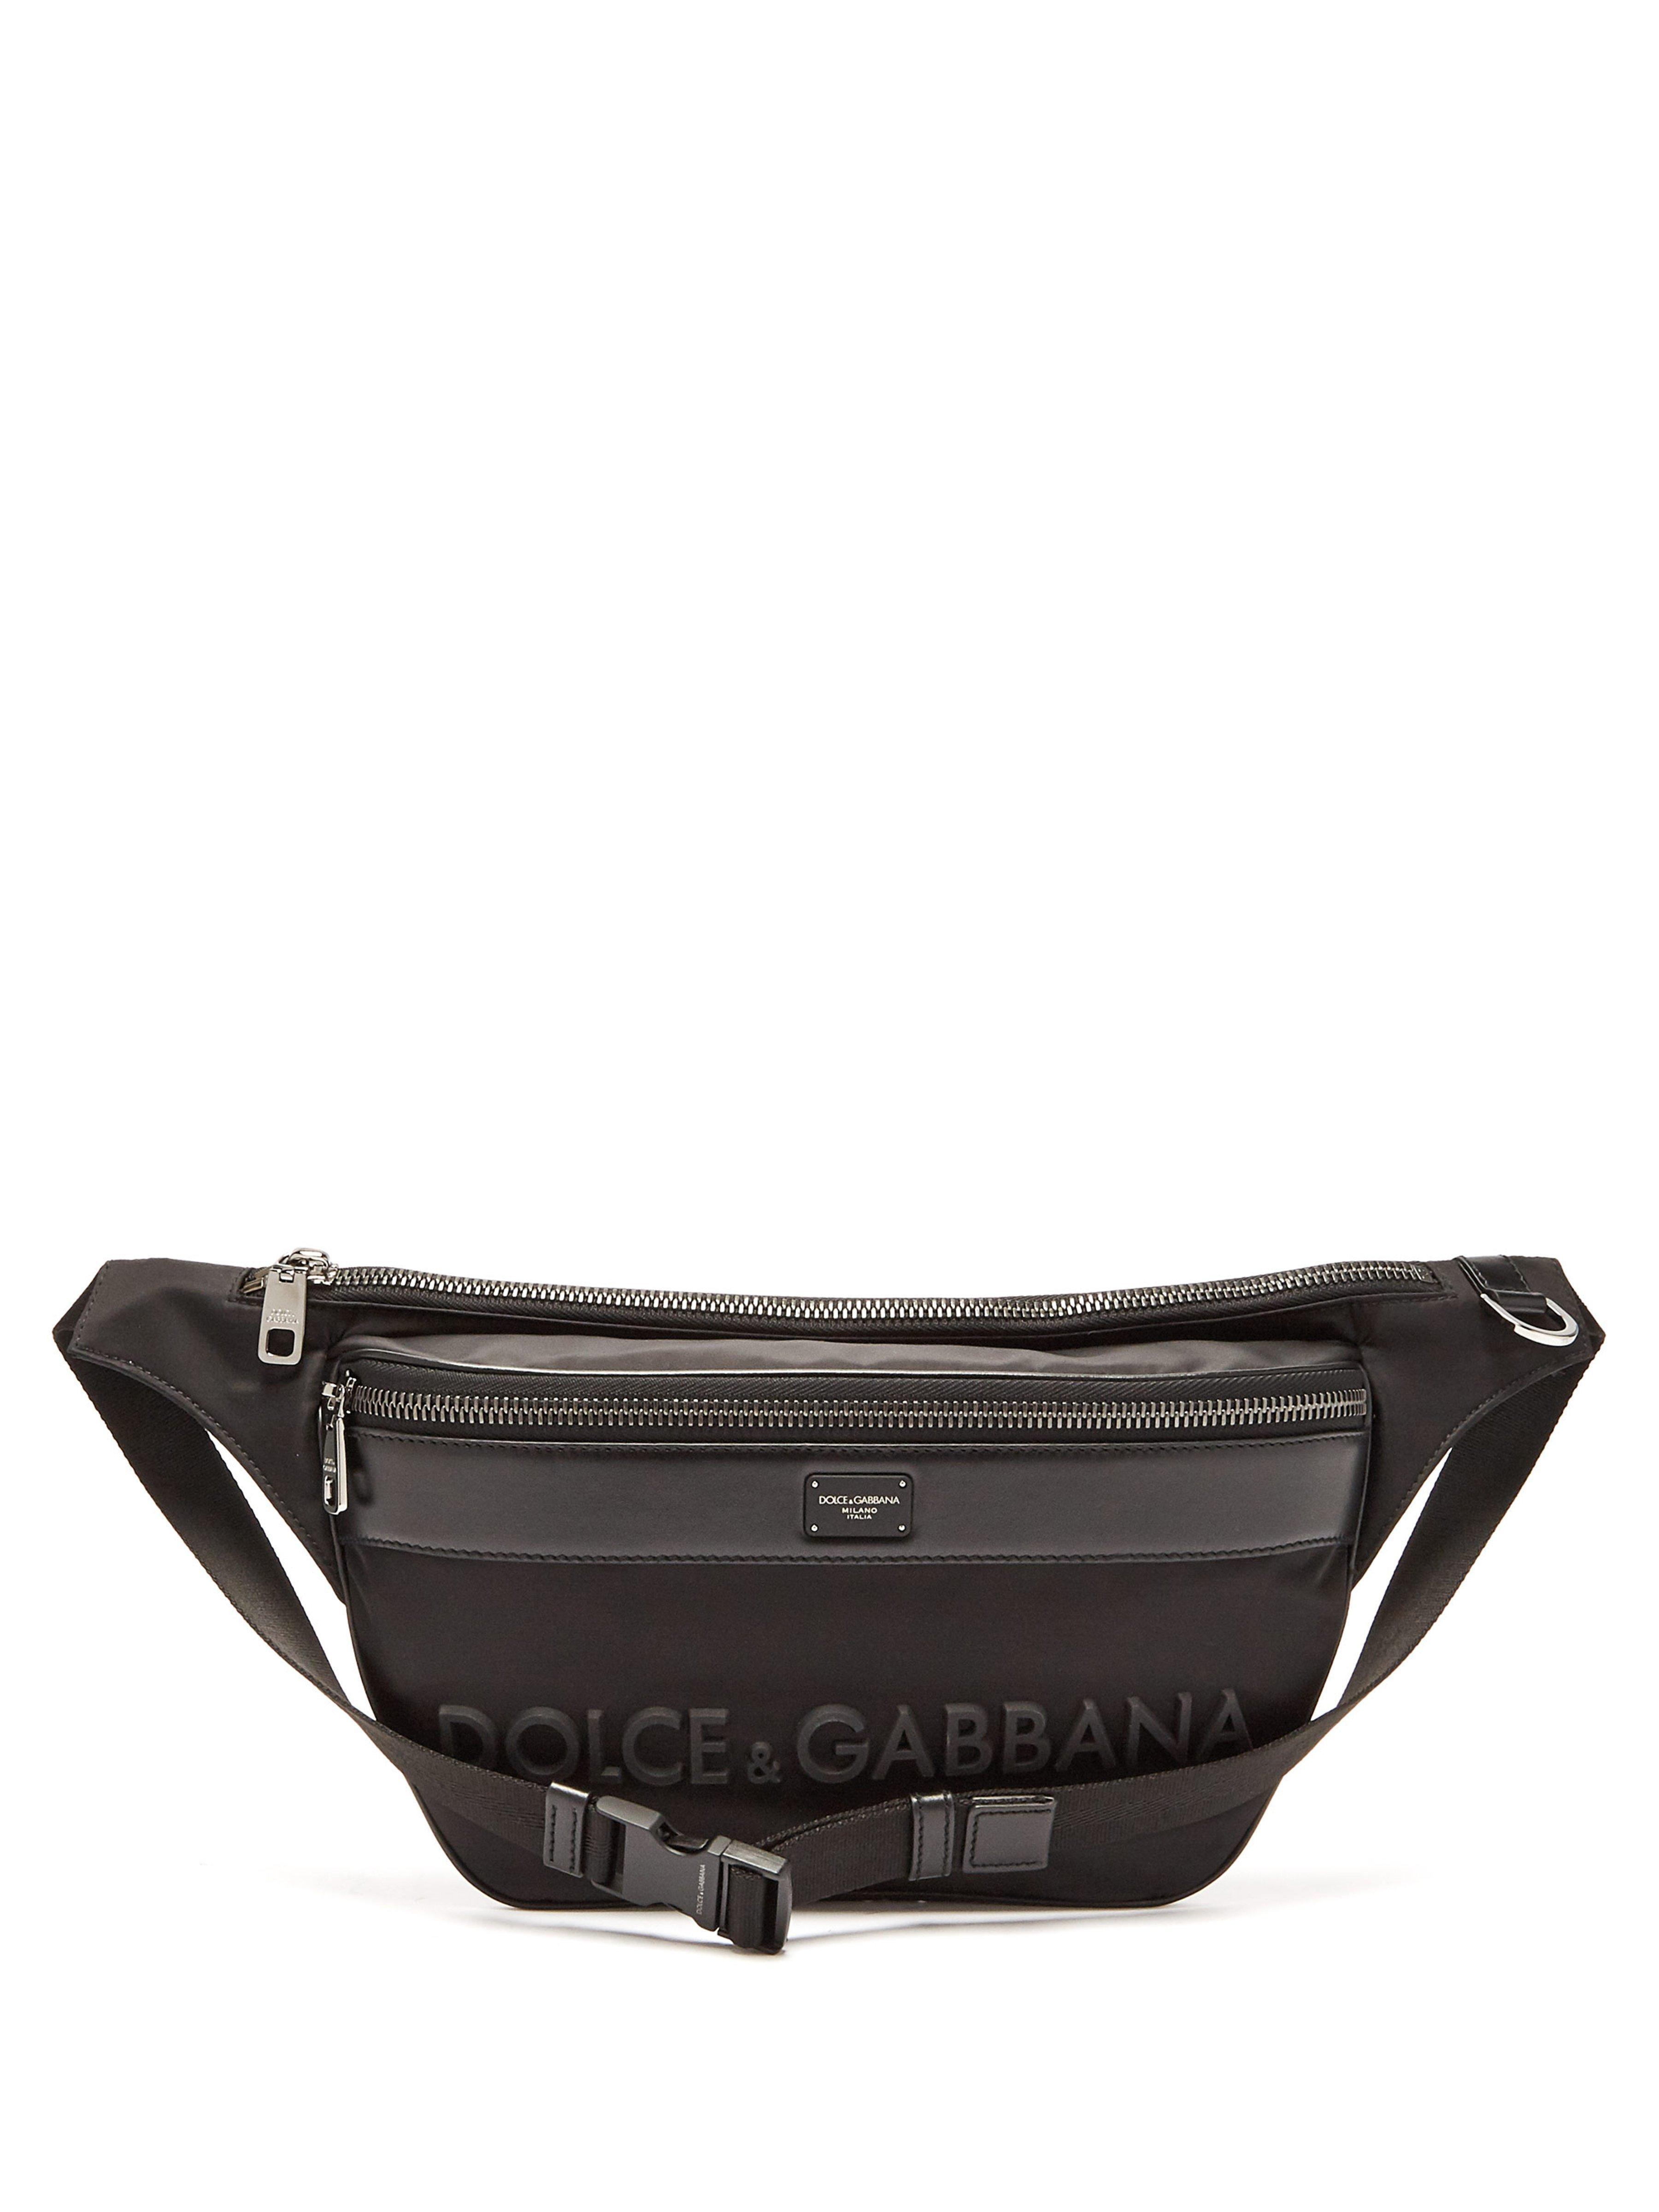 Dolce   Gabbana Logo Plaque Nylon Belt Bag in Black for Men - Lyst 1b871632d4e1e